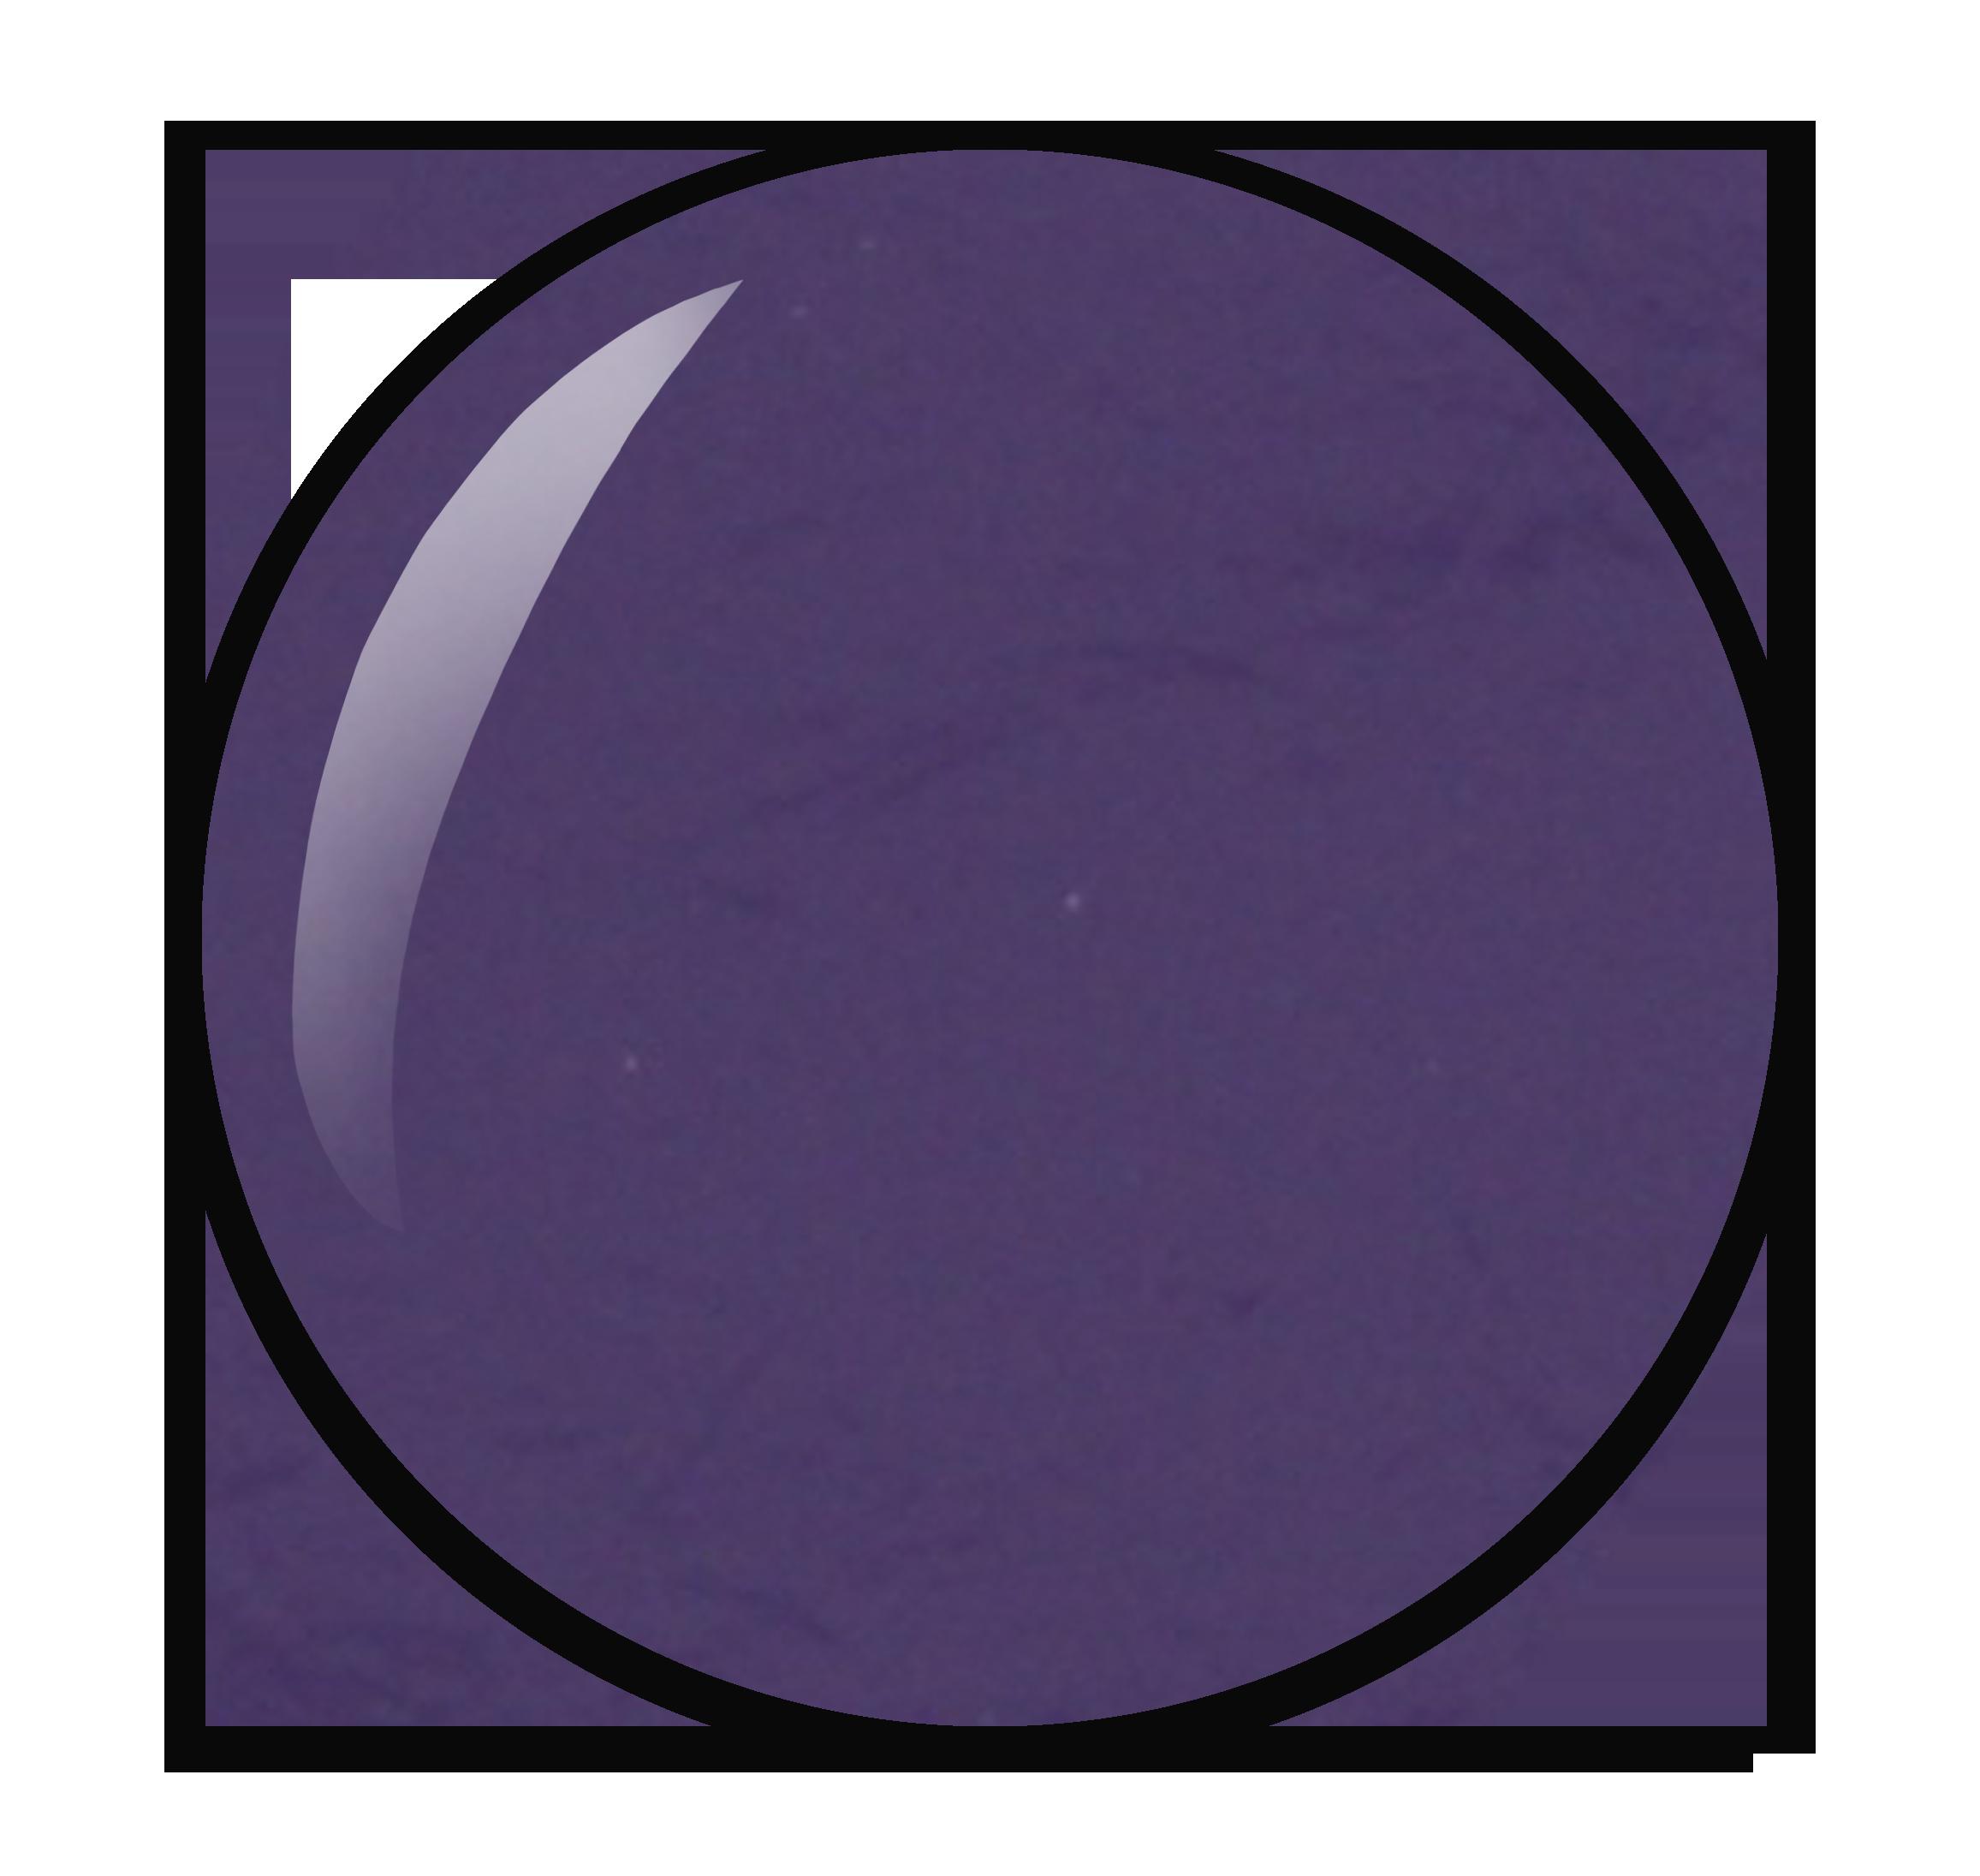 Violet paarse nagellak nummer 136 uit Herôme nagellak collectie